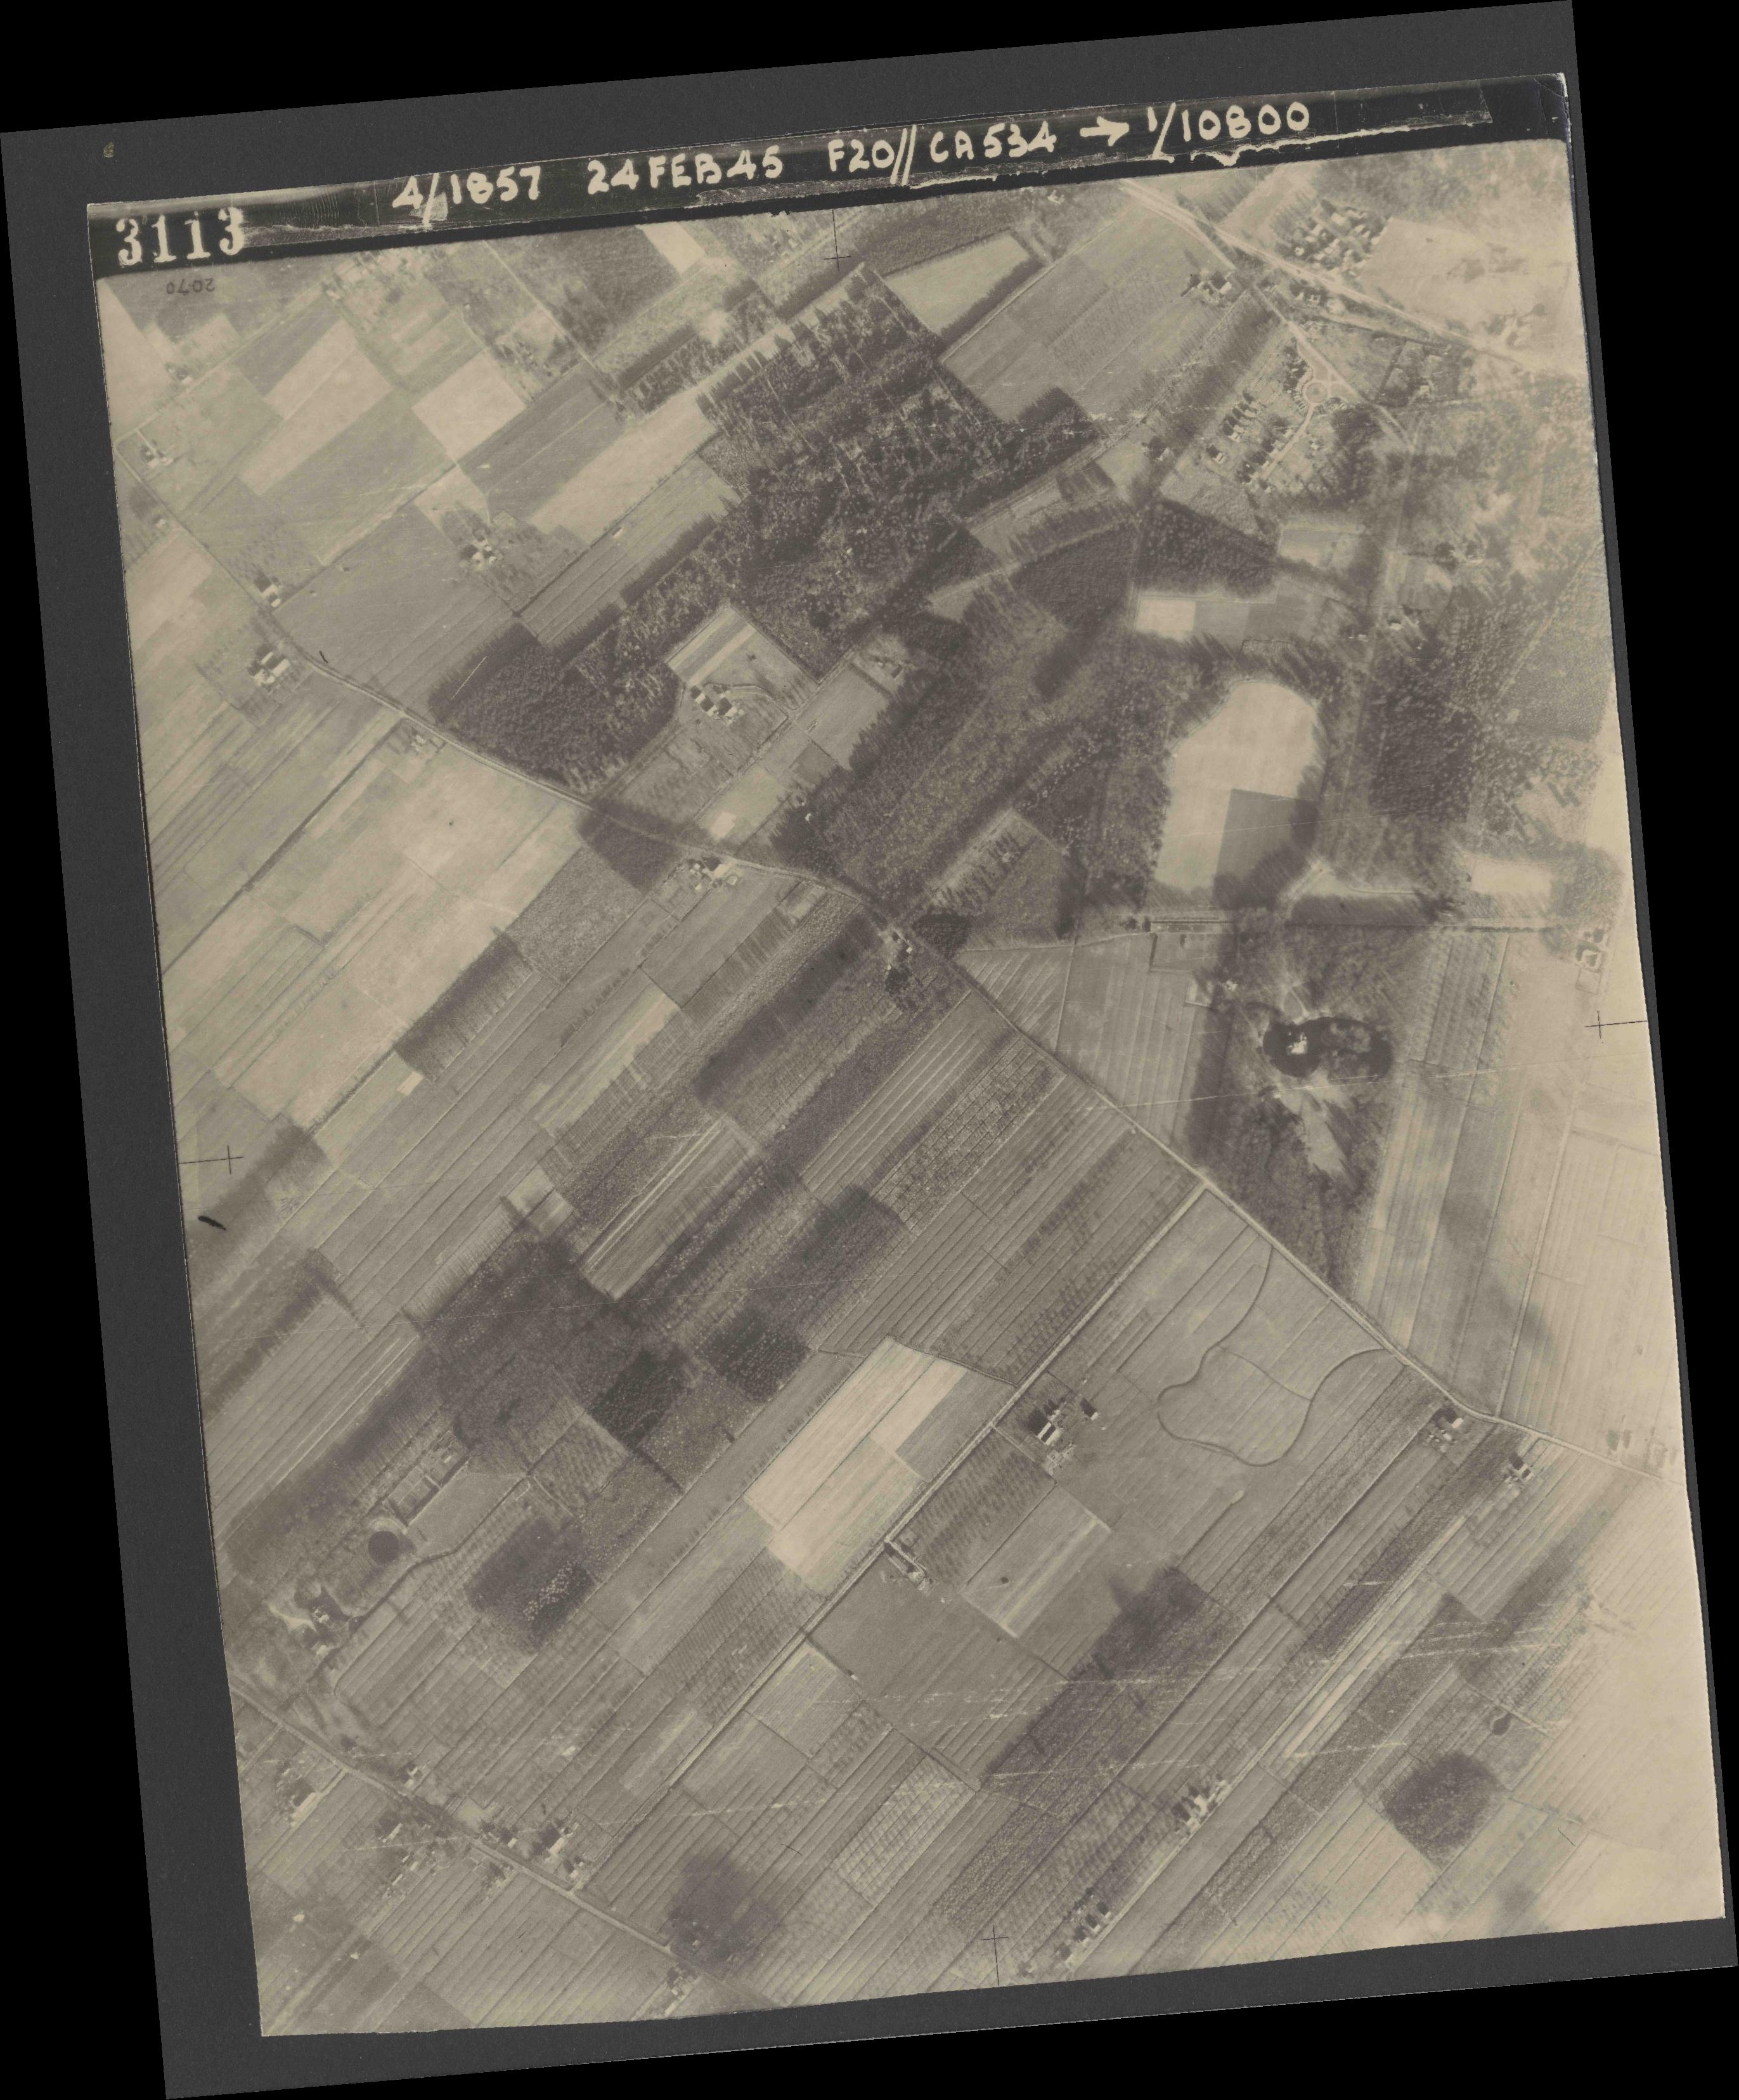 Collection RAF aerial photos 1940-1945 - flight 073, run 02, photo 3113